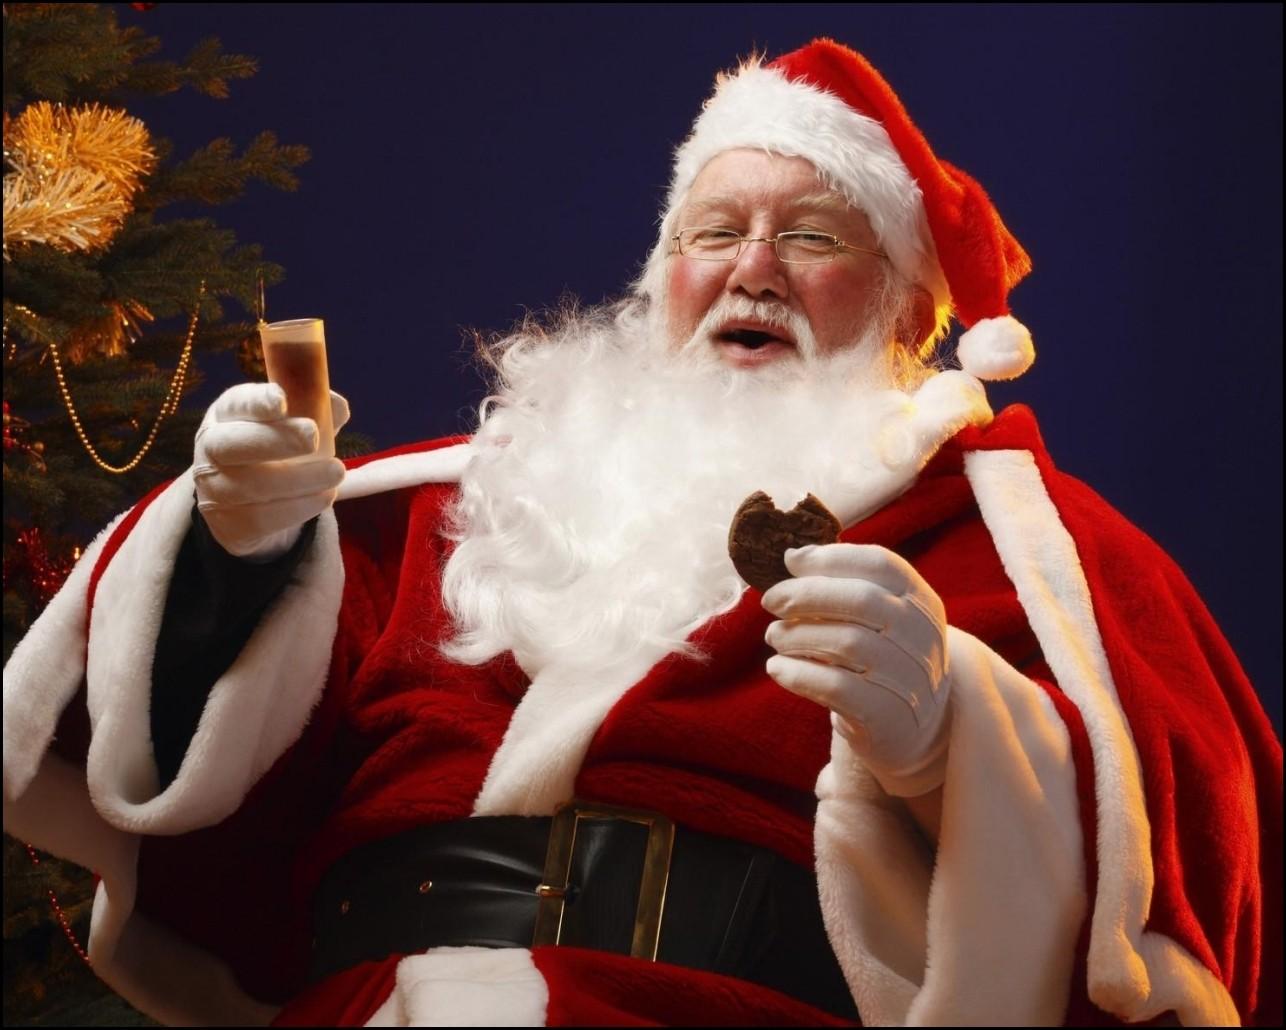 Fotos de Santa Claus - Imágenes destacadas -